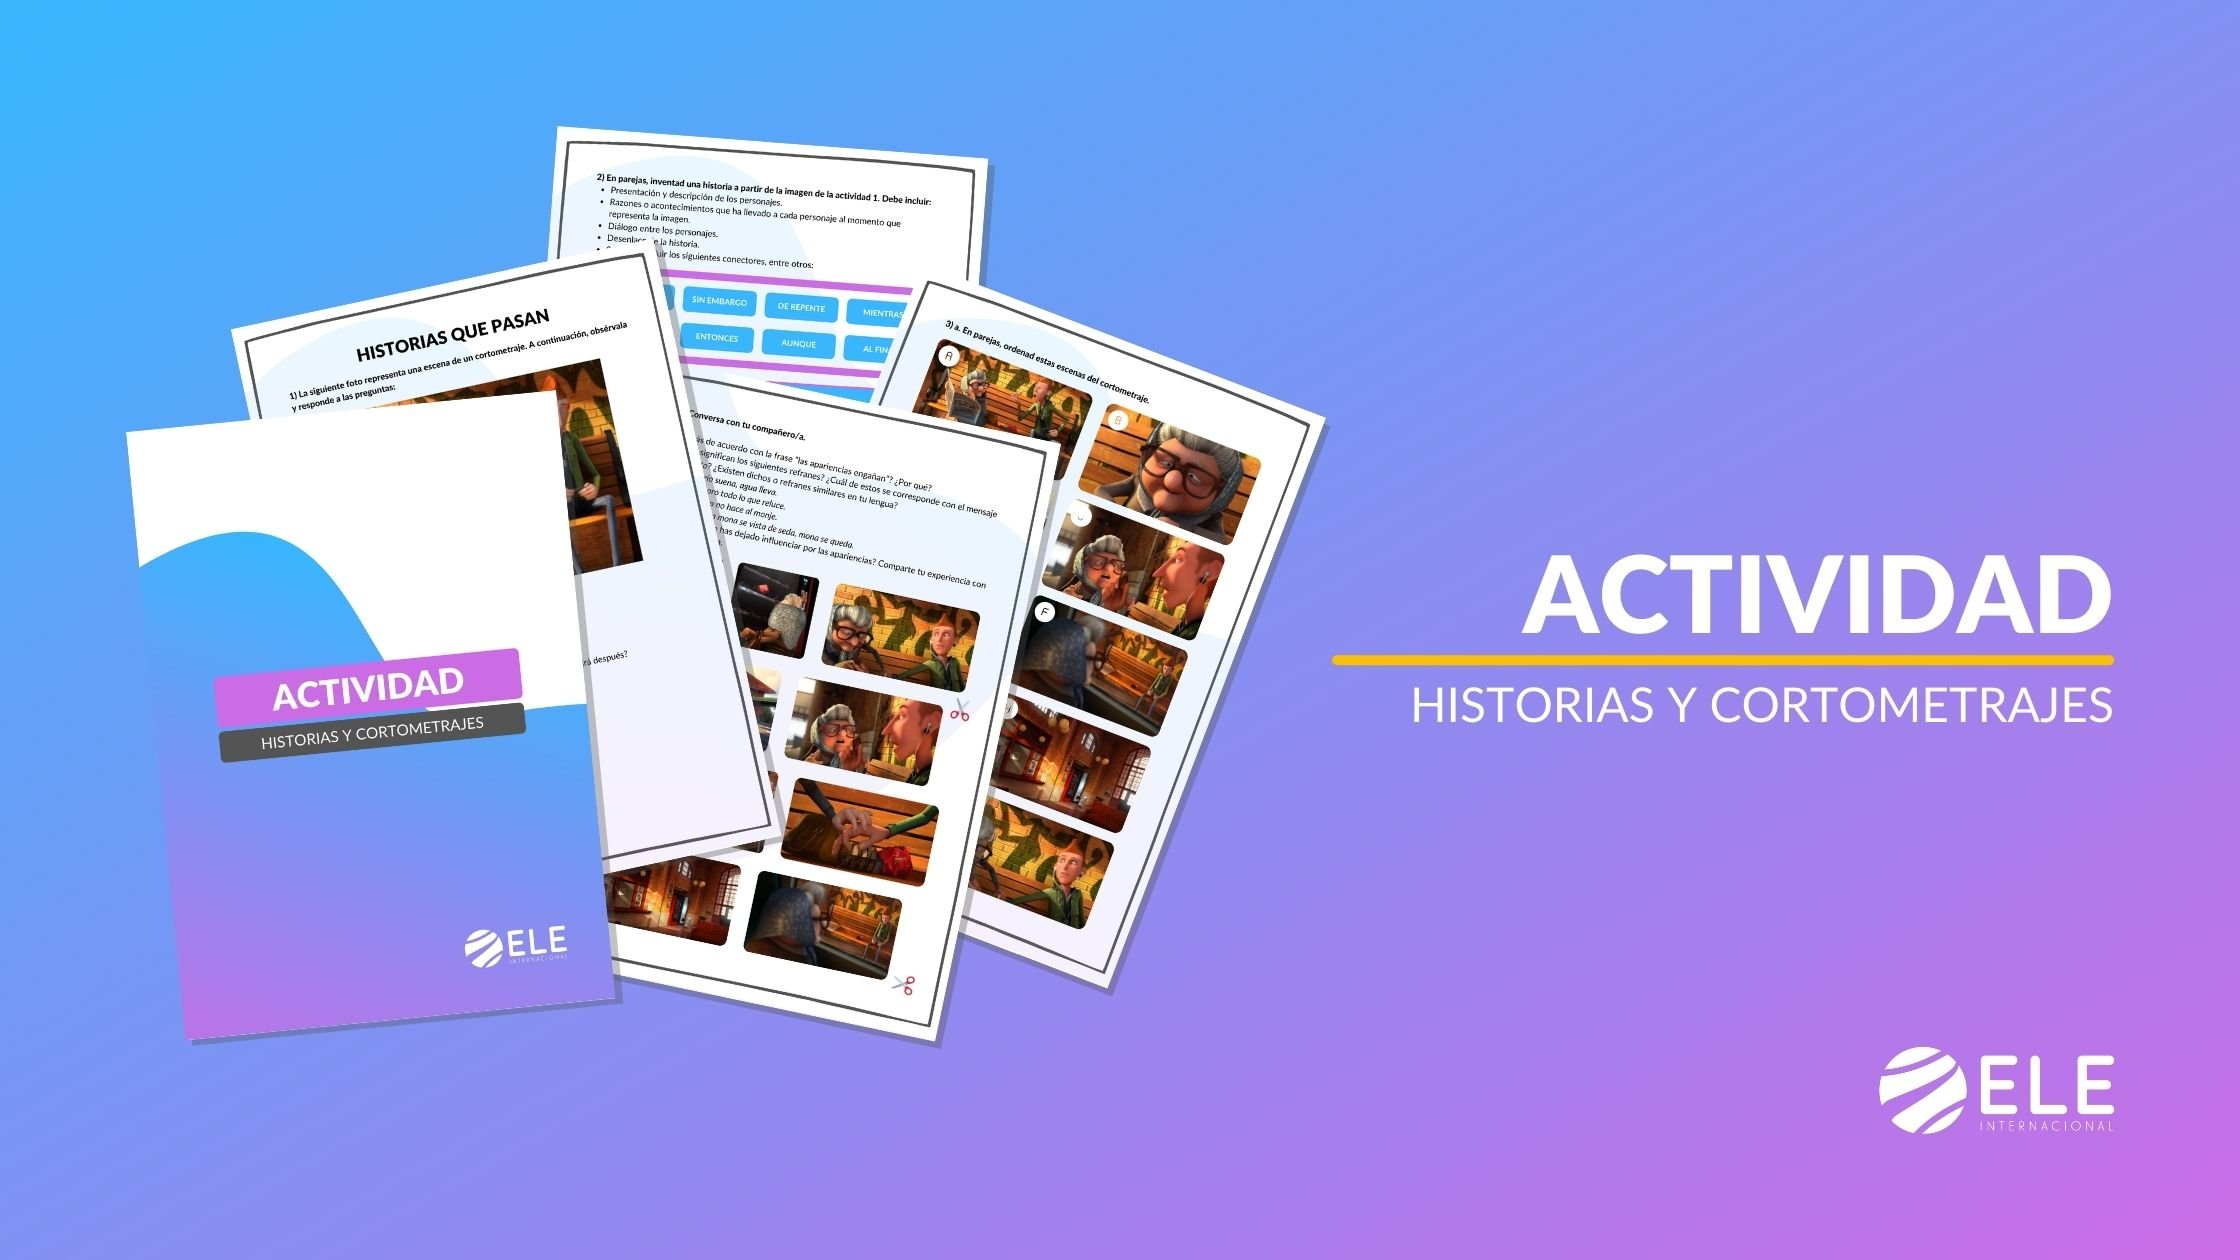 Historias y cortometrajes actividad